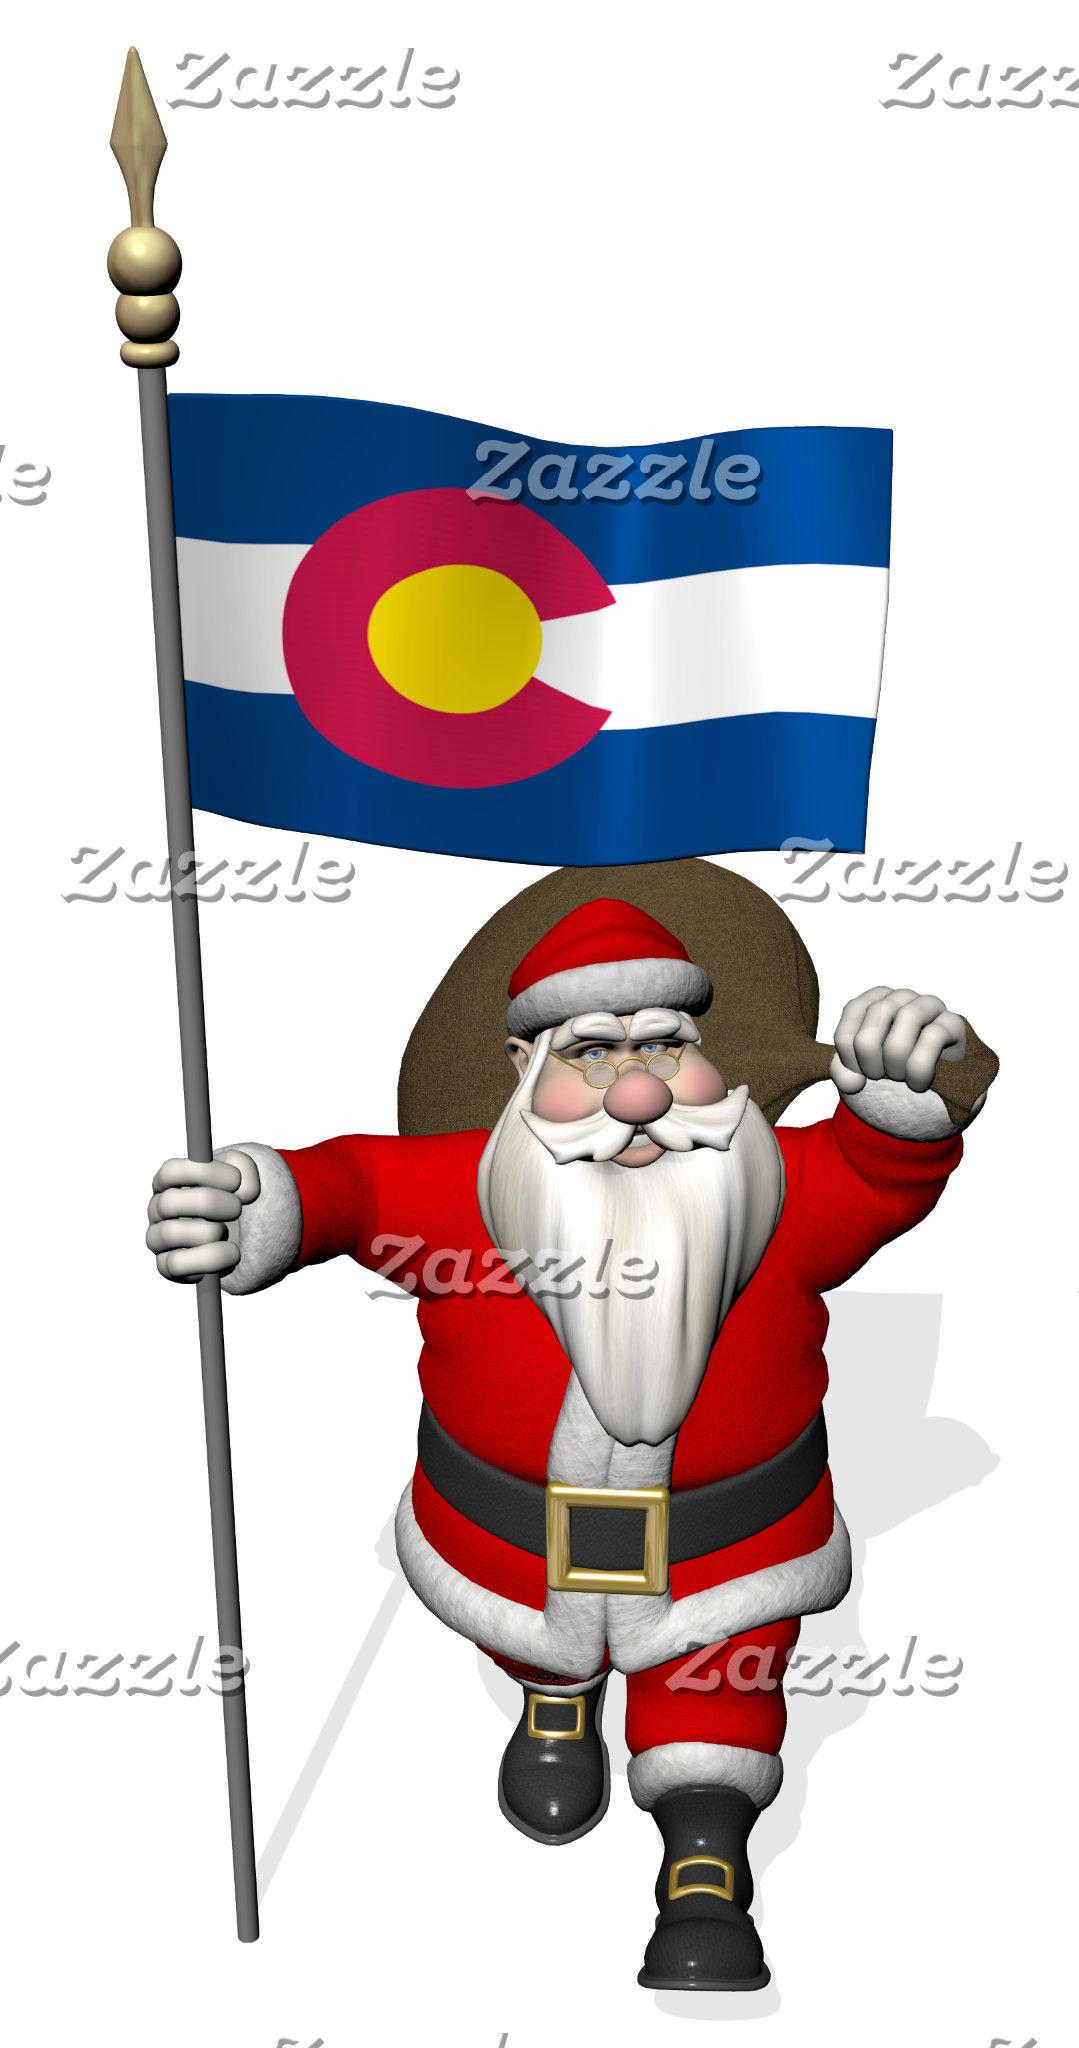 Colorado - Centennial State